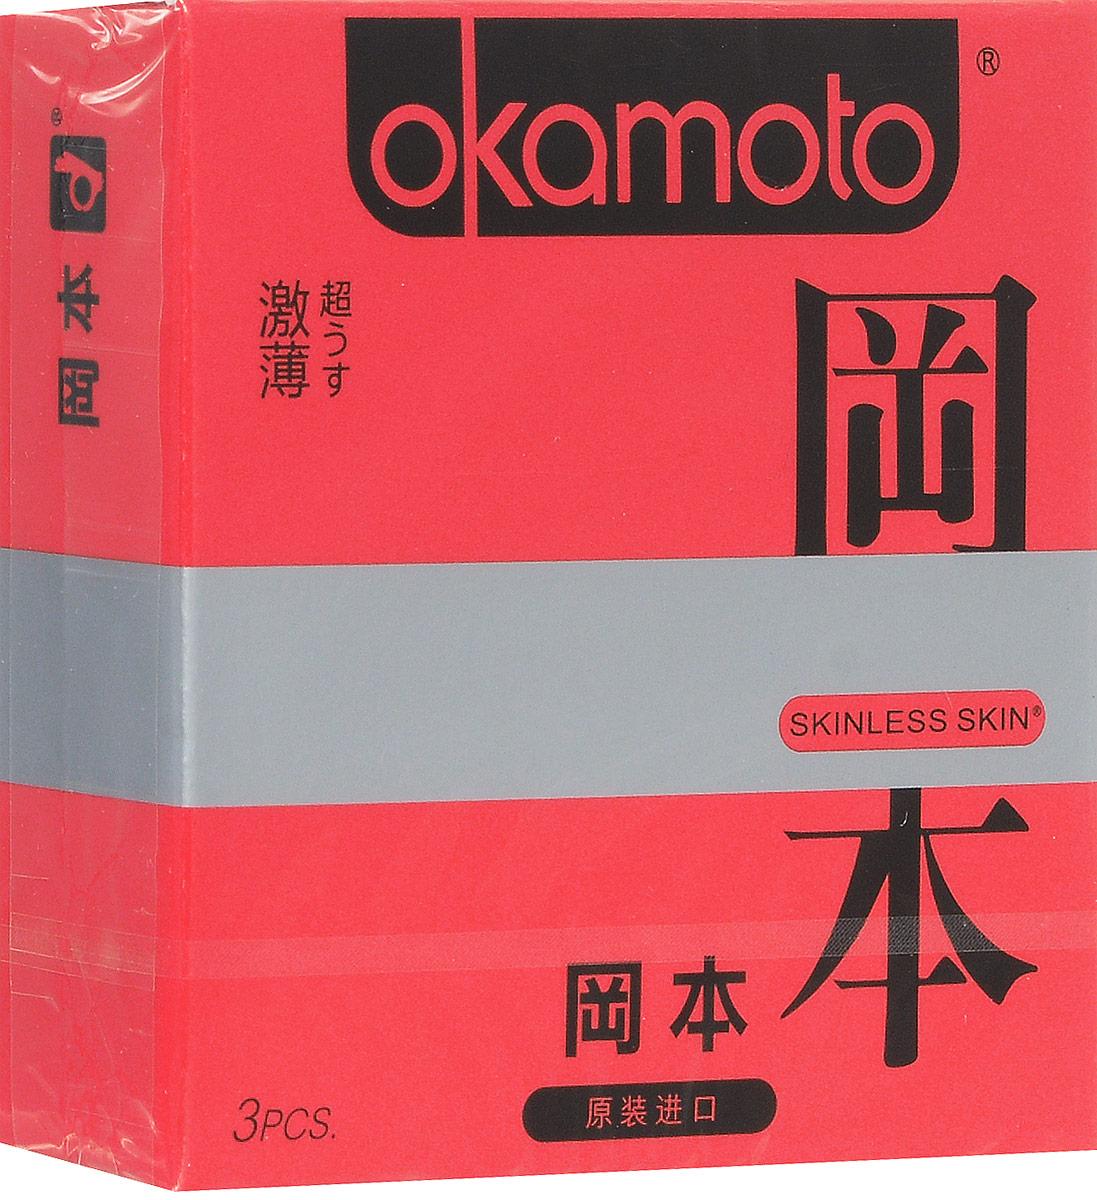 Презервативы Okamoto Skinless Skin Super Thin, ультратонкие, No.368969Самые тонкие латексные презервативы в мире особой анатомической формы со смазкой! Толщина стенки презерватива всего 0,052 мм, что в 2 раза тоньше, чем у обычных презервативов. Подарят незабываемые ощущения естественности. Уникальной анатомической формы с силиконовой смазкой.